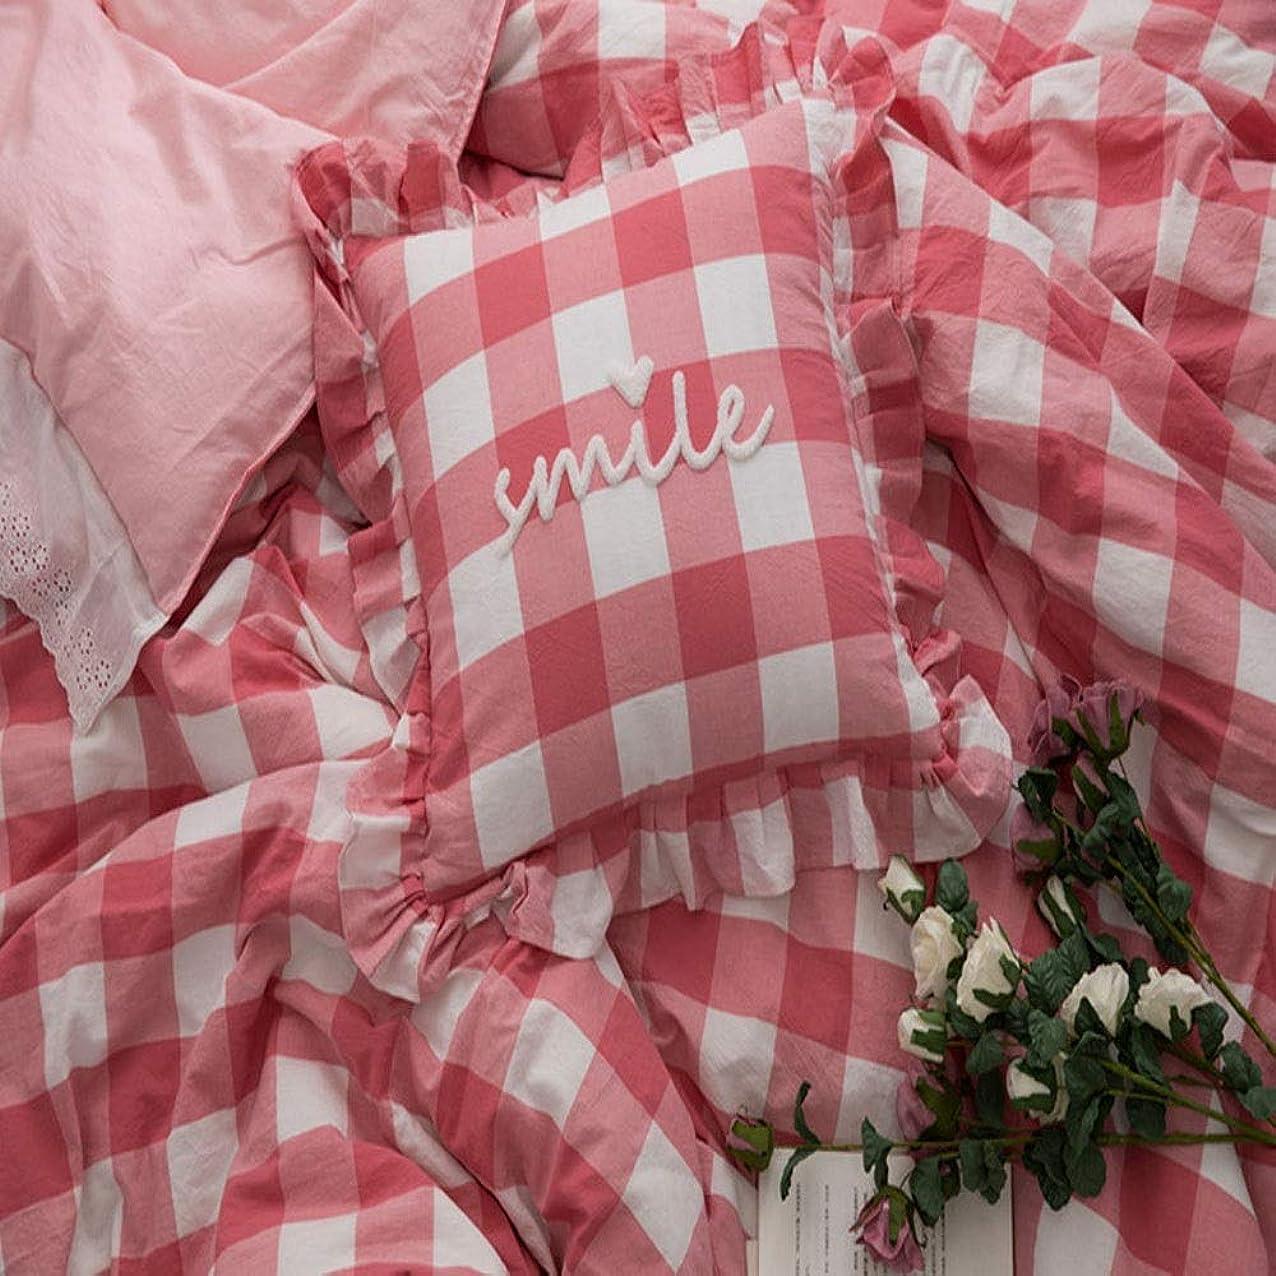 プロポーショナル伝記ふけるMayalina インフリルウォッシュドコットンウール刺繍入りスクエアピロー刺繍入りクッション取り外し可能 (色 : Pink grid, Size : 45*45cm)